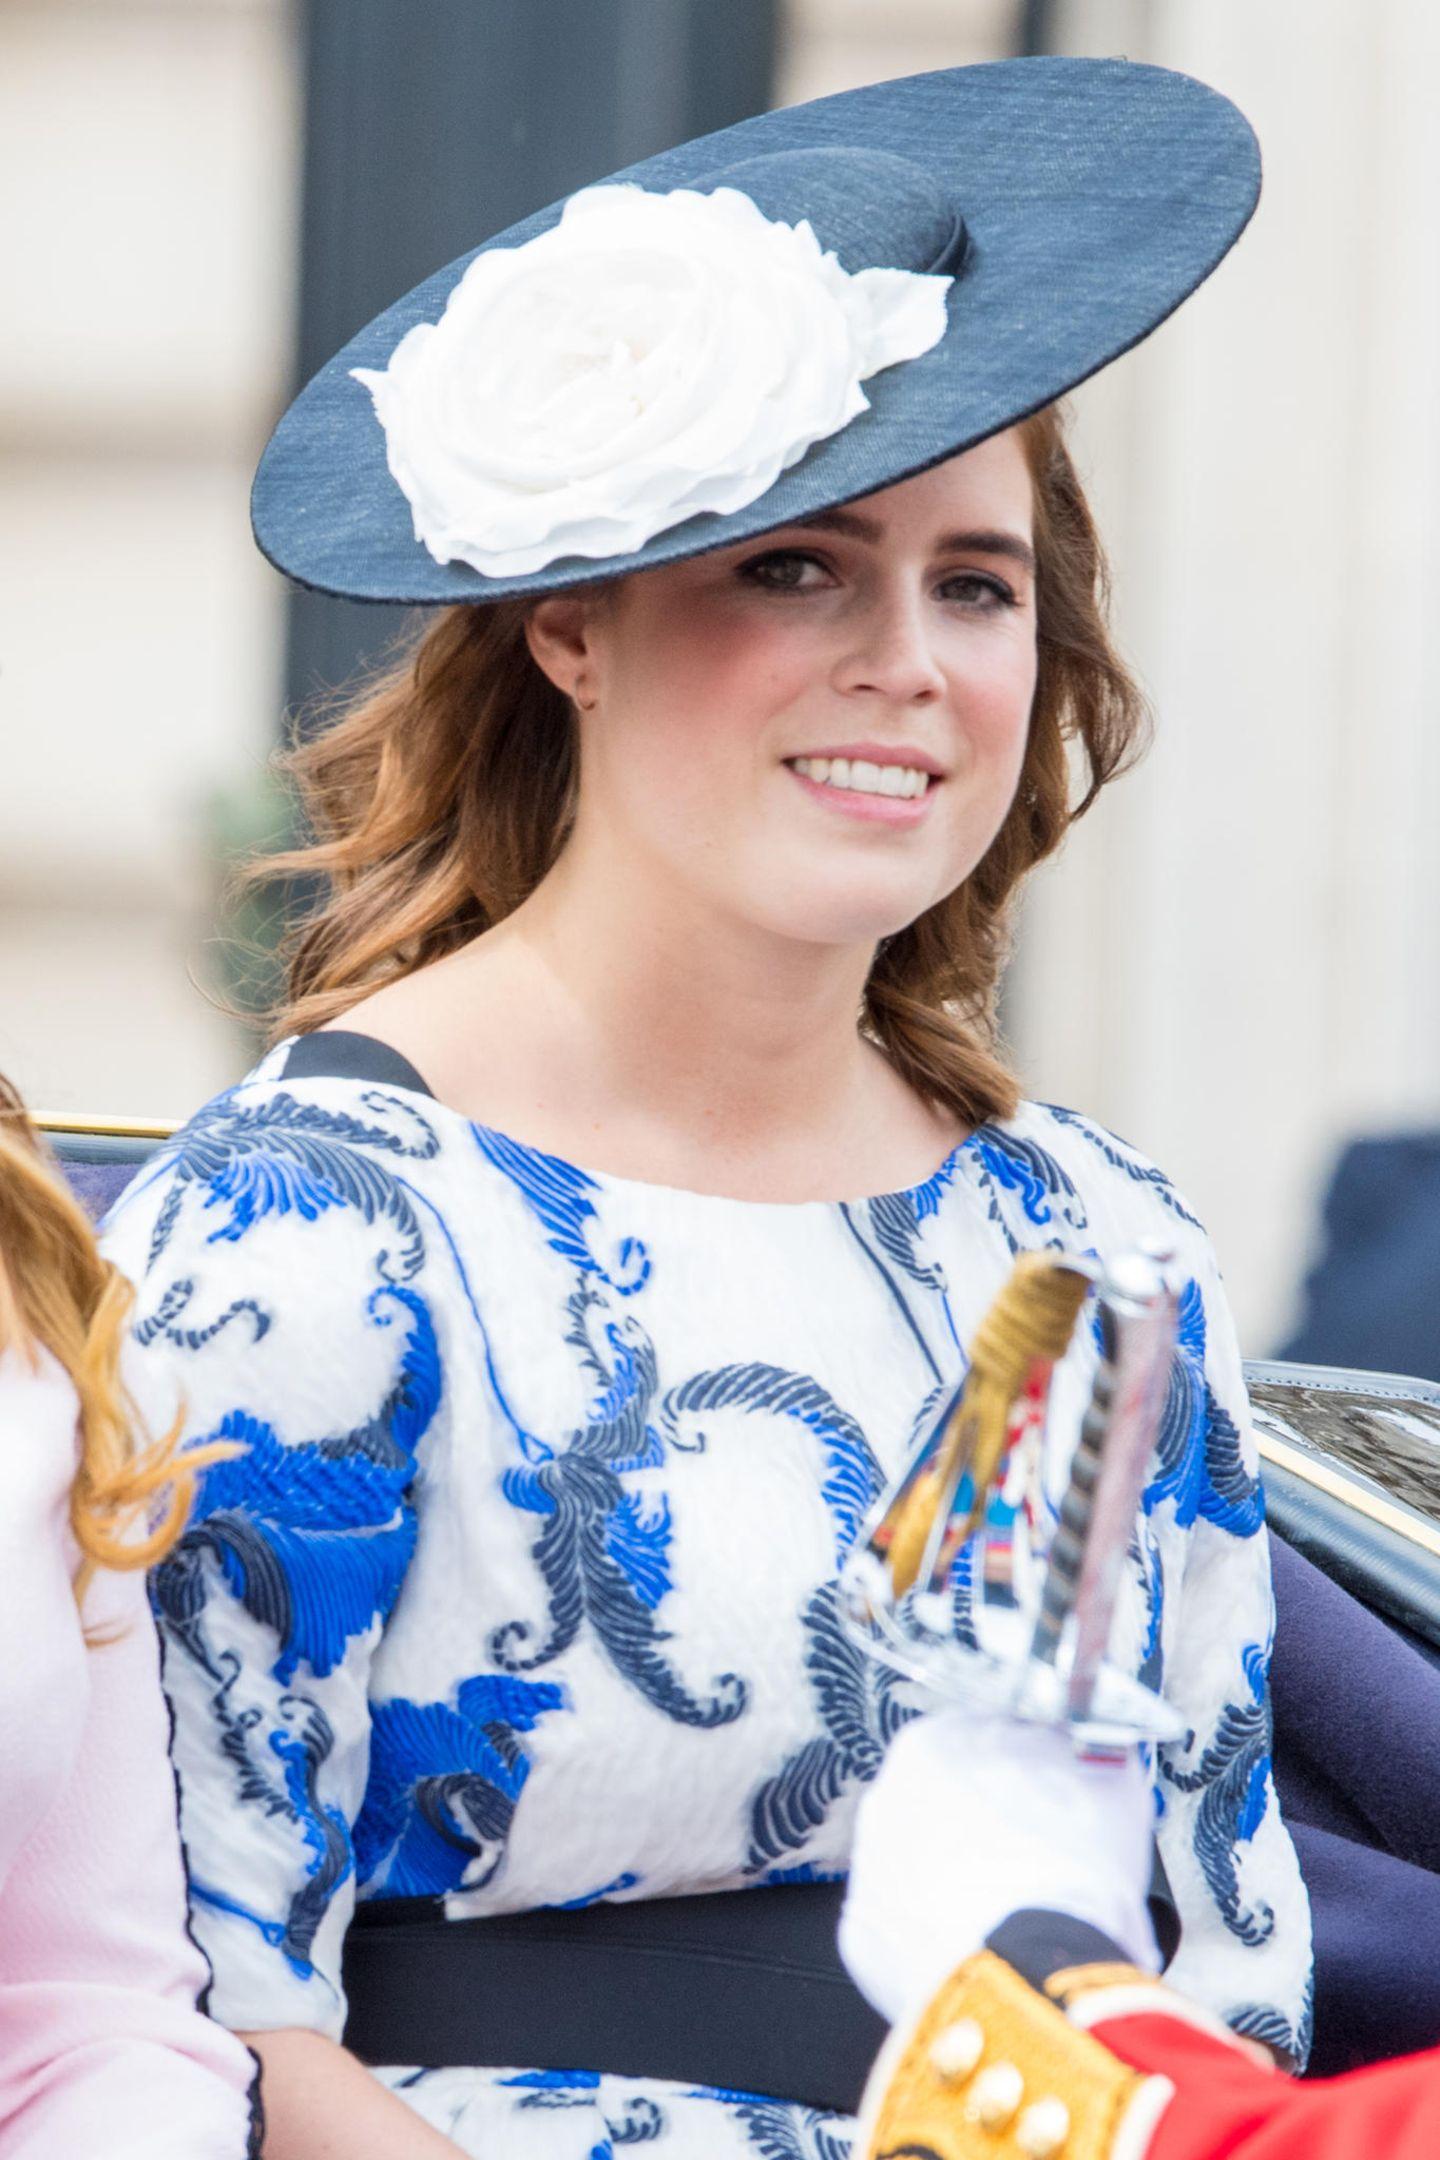 Ob Eugenie und Jack die Queen wohl bald auch zurUrgroßmutter machen? Daumen drücken!